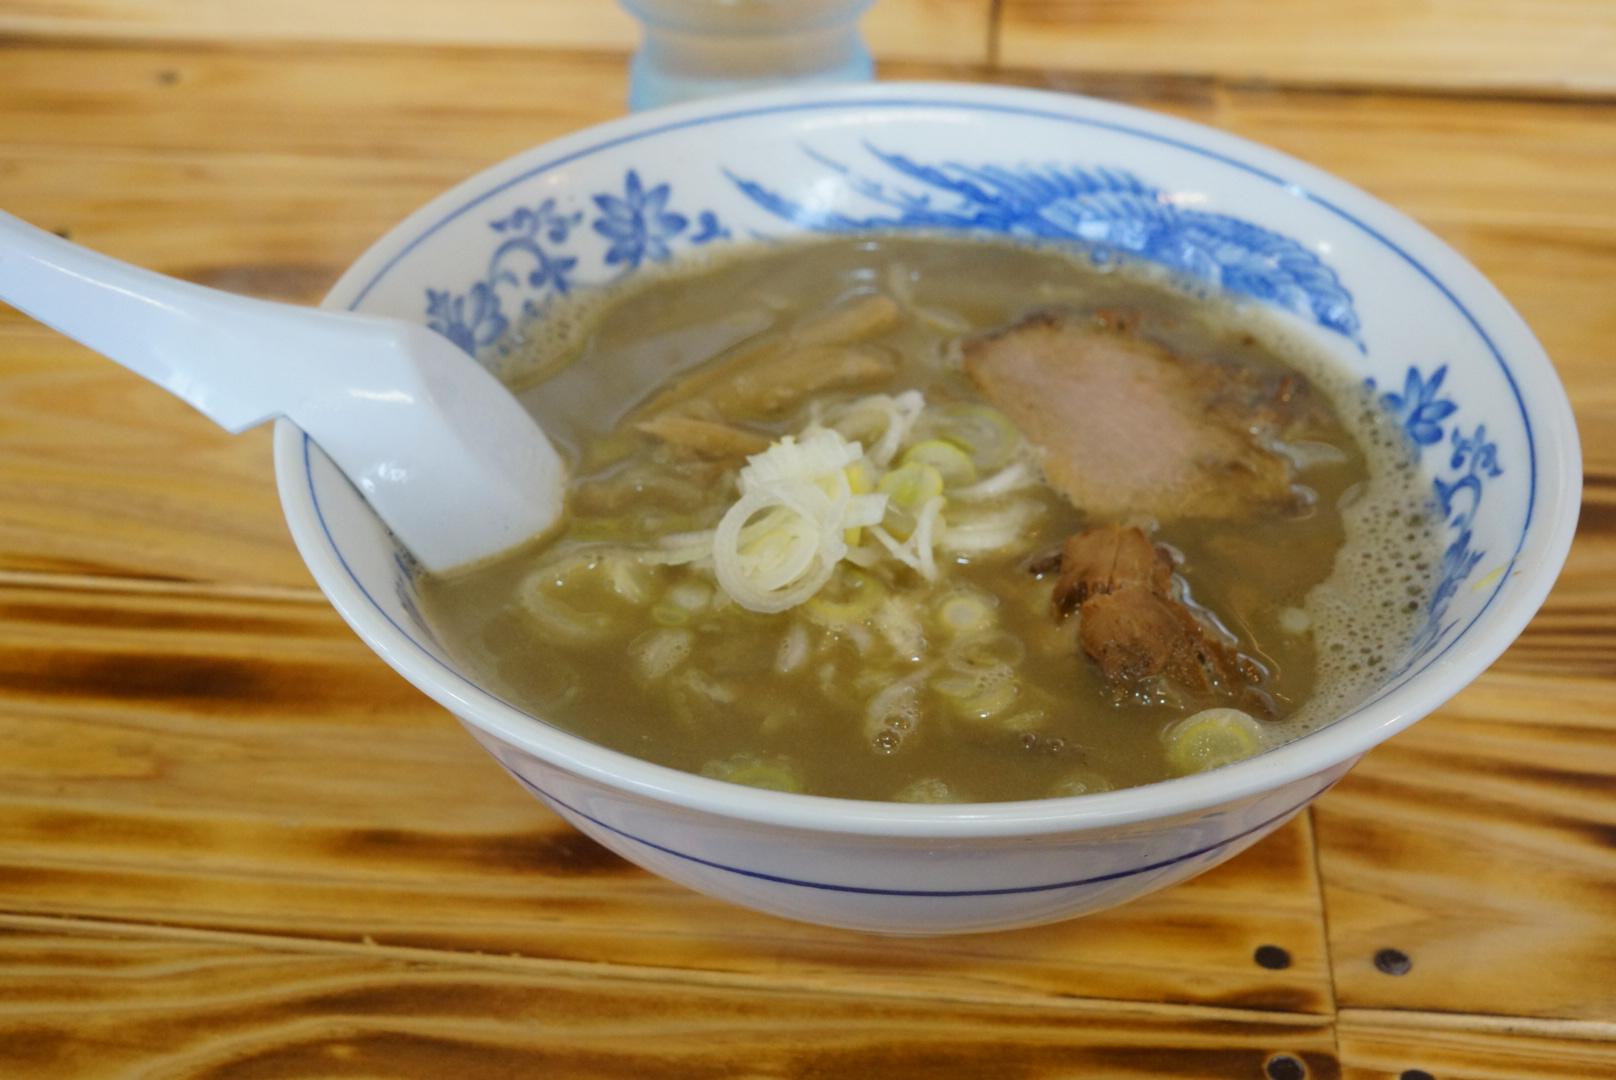 魚醤ラーメン ひいらぎの濃香煮干(秋田県大館市)